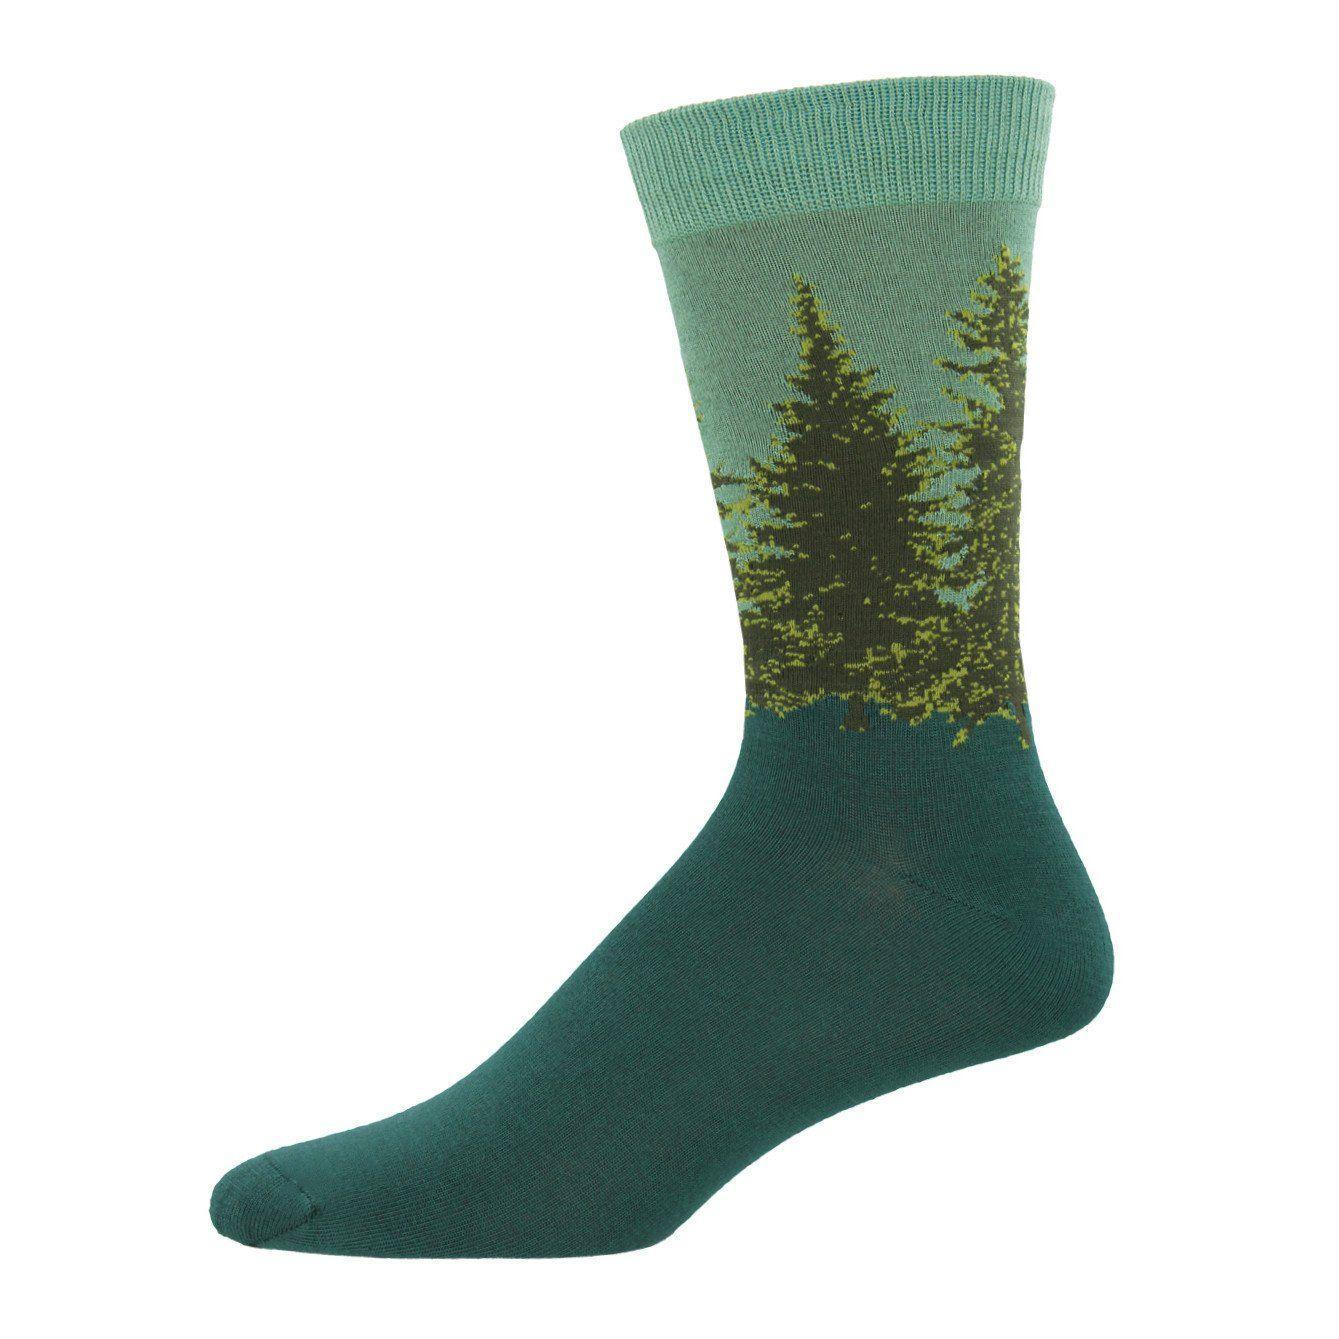 2c92447f99389 Forest Bamboo Men's Crew Socks | Evergreen Tree Novelty Men's Sock - ModSock